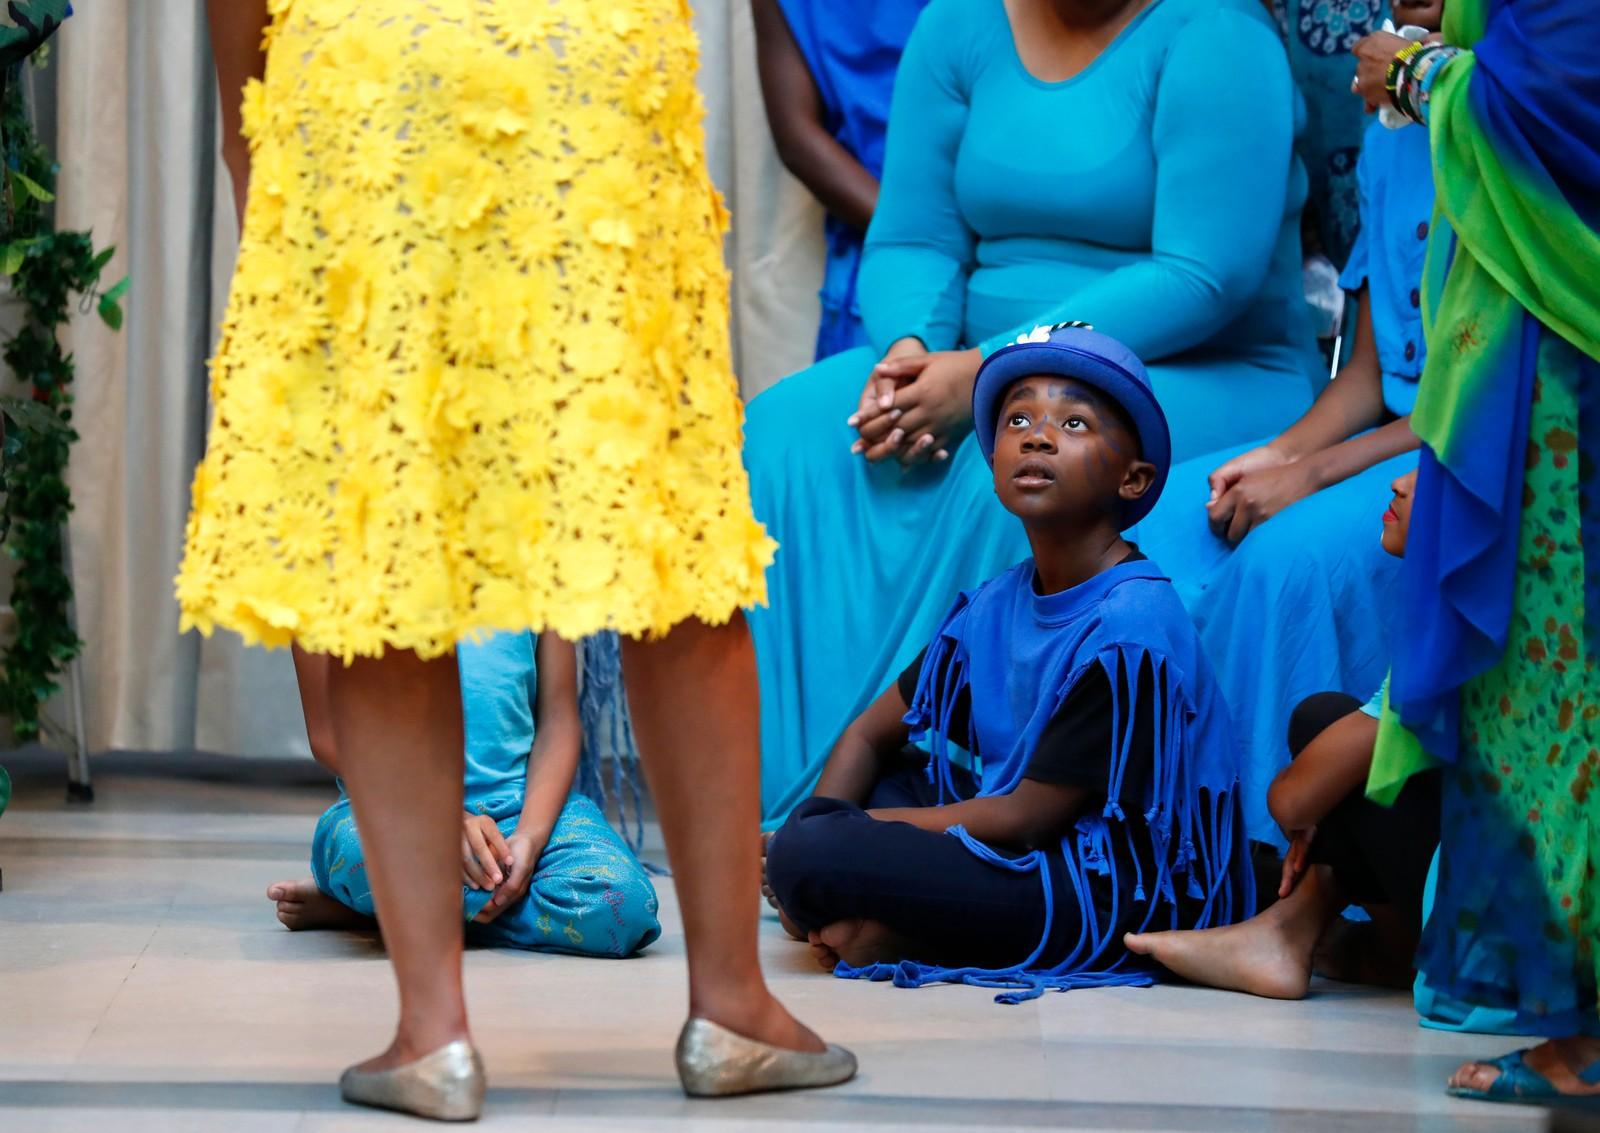 Ti år gamle Andre Tcheffu ser på Michelle Obama etter å ha opptrådt for henne ved Nasjonalgalleriet i Washington DC i USA 2. august. Obama hadde tatt med seg Ho Ching, som er kona til Singapores statsminister Lee Hsien Loong.